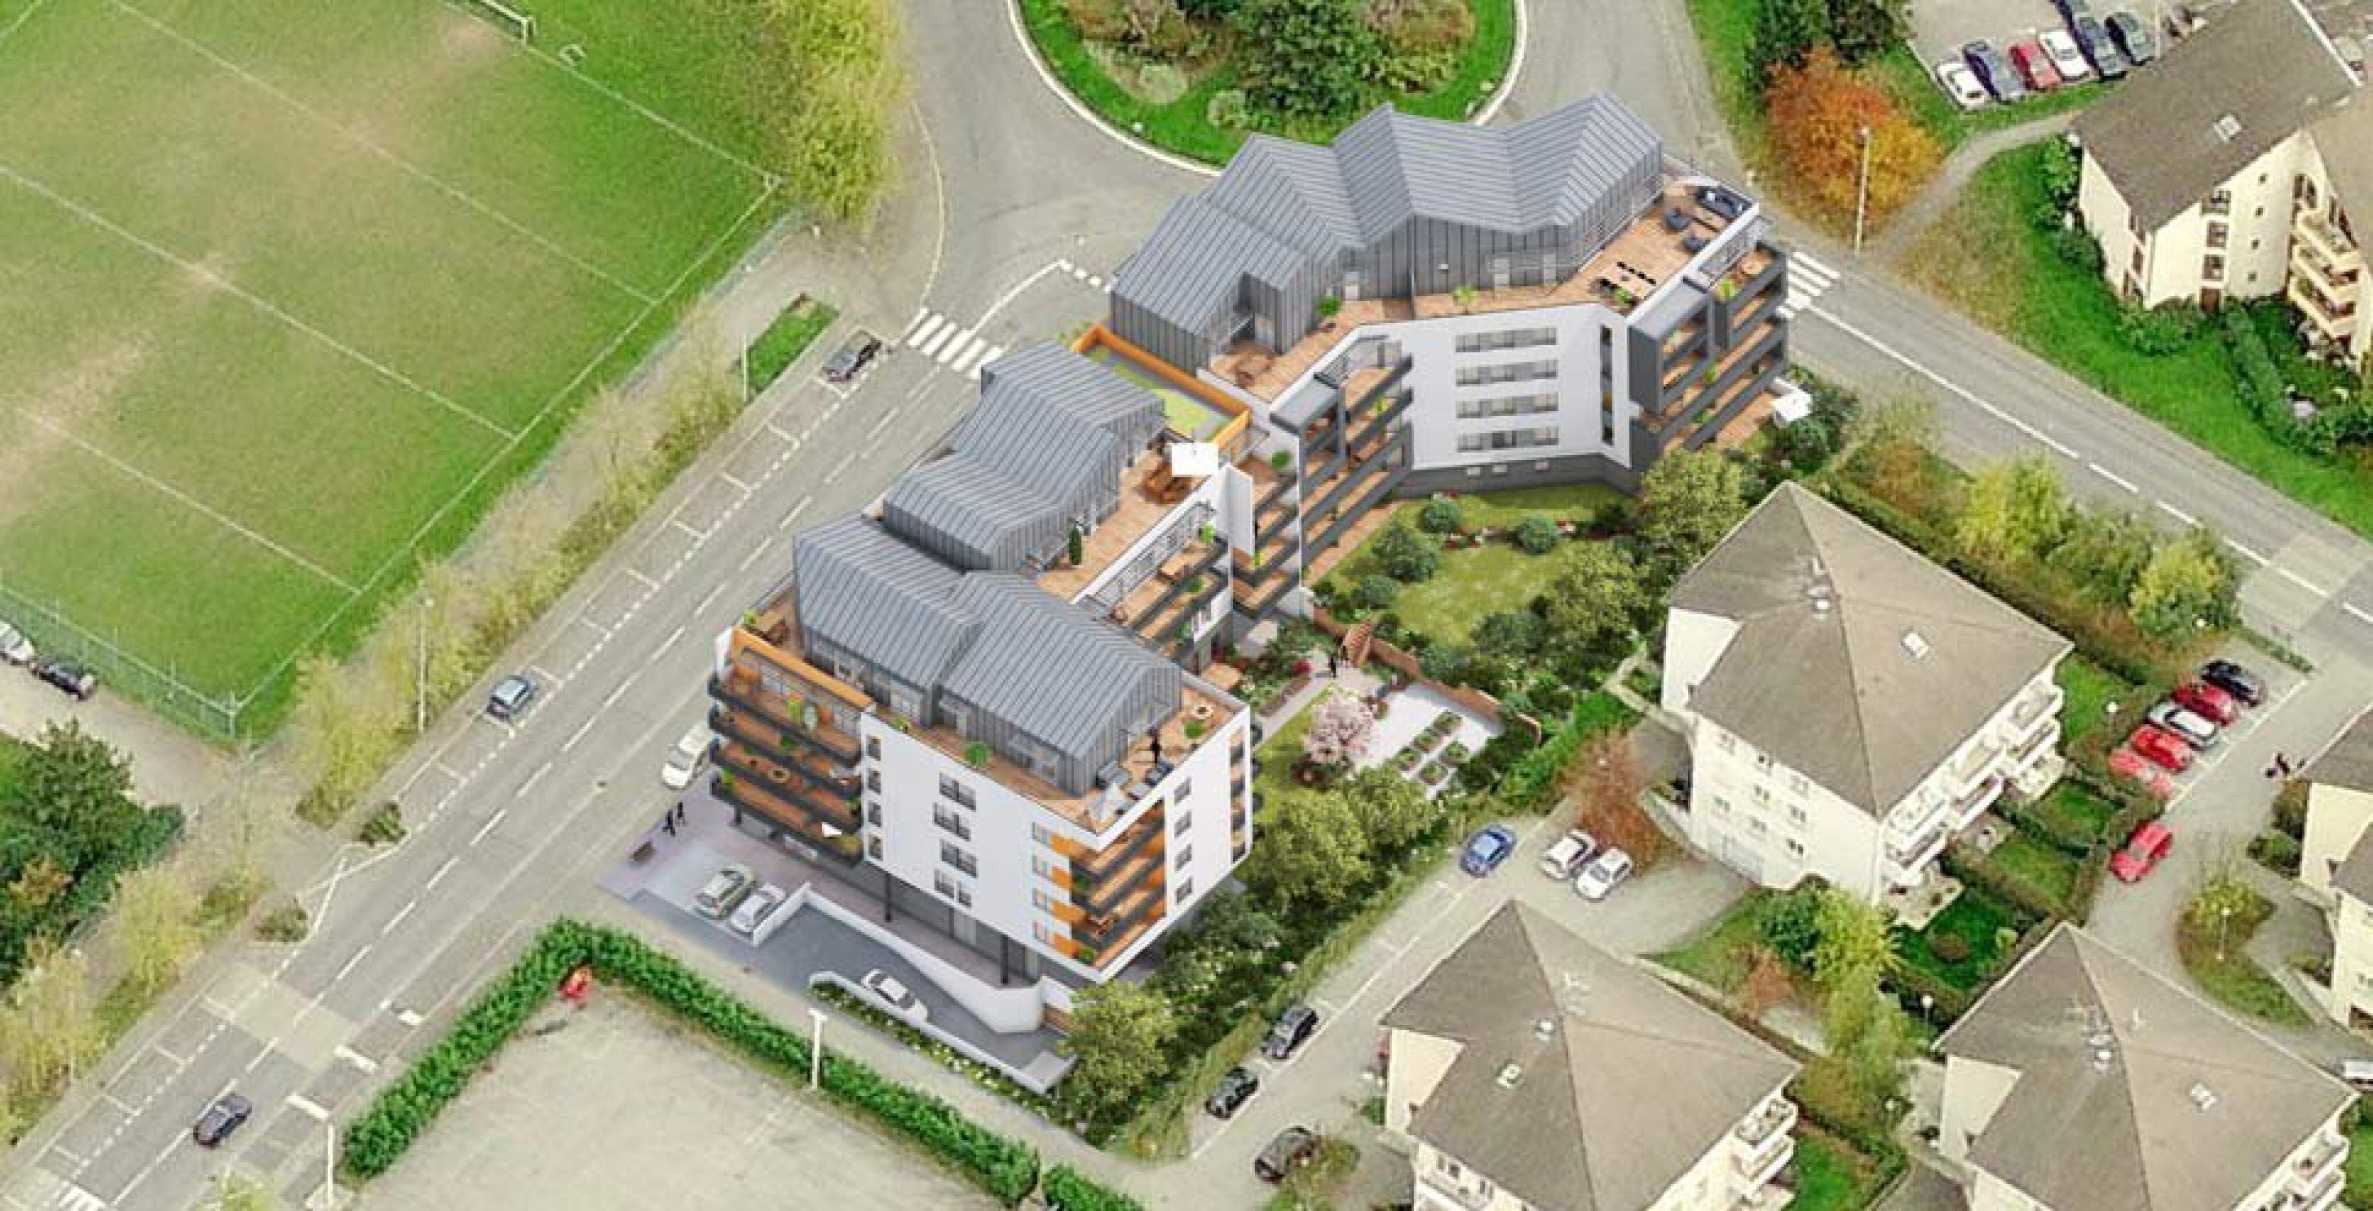 Residential complex in Saint-Julien-en-Genevois (FR) near Geneva2 - Stonehard